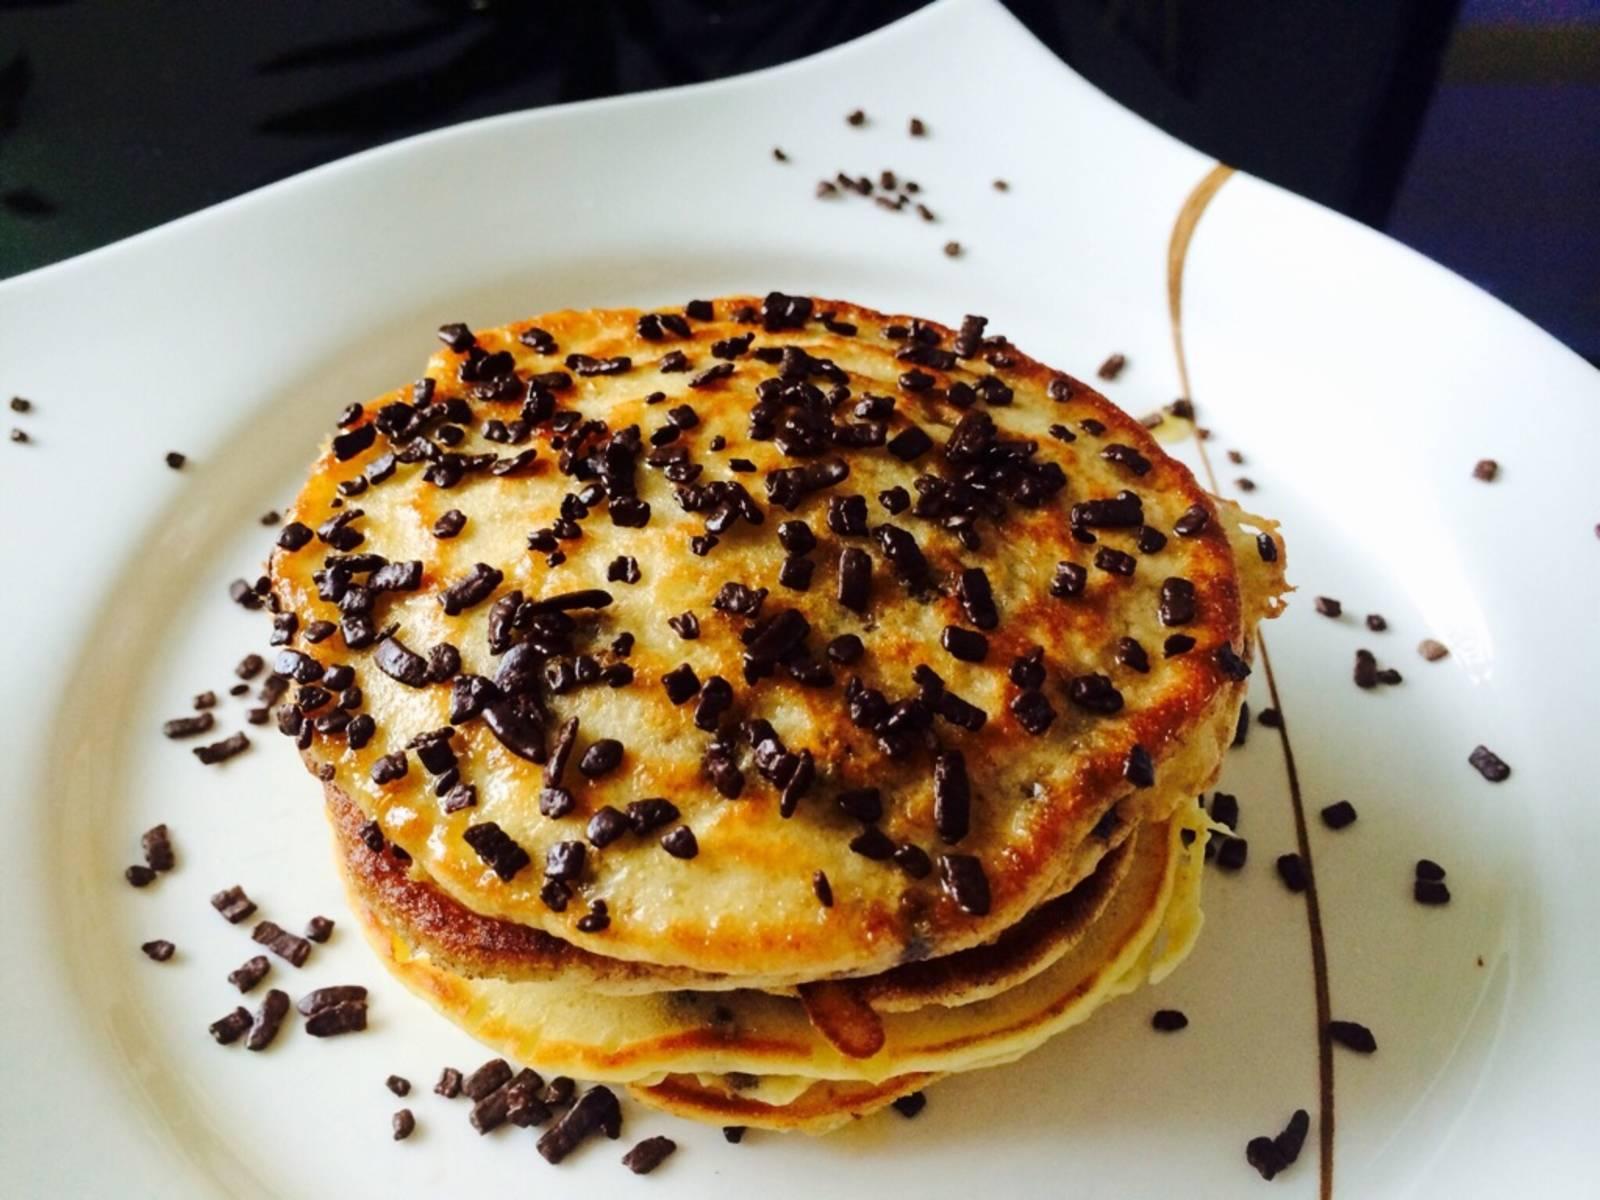 在不粘锅中,勺入面糊,做成小圆圈状,煎好后,佐以糖粉或巧克力屑。